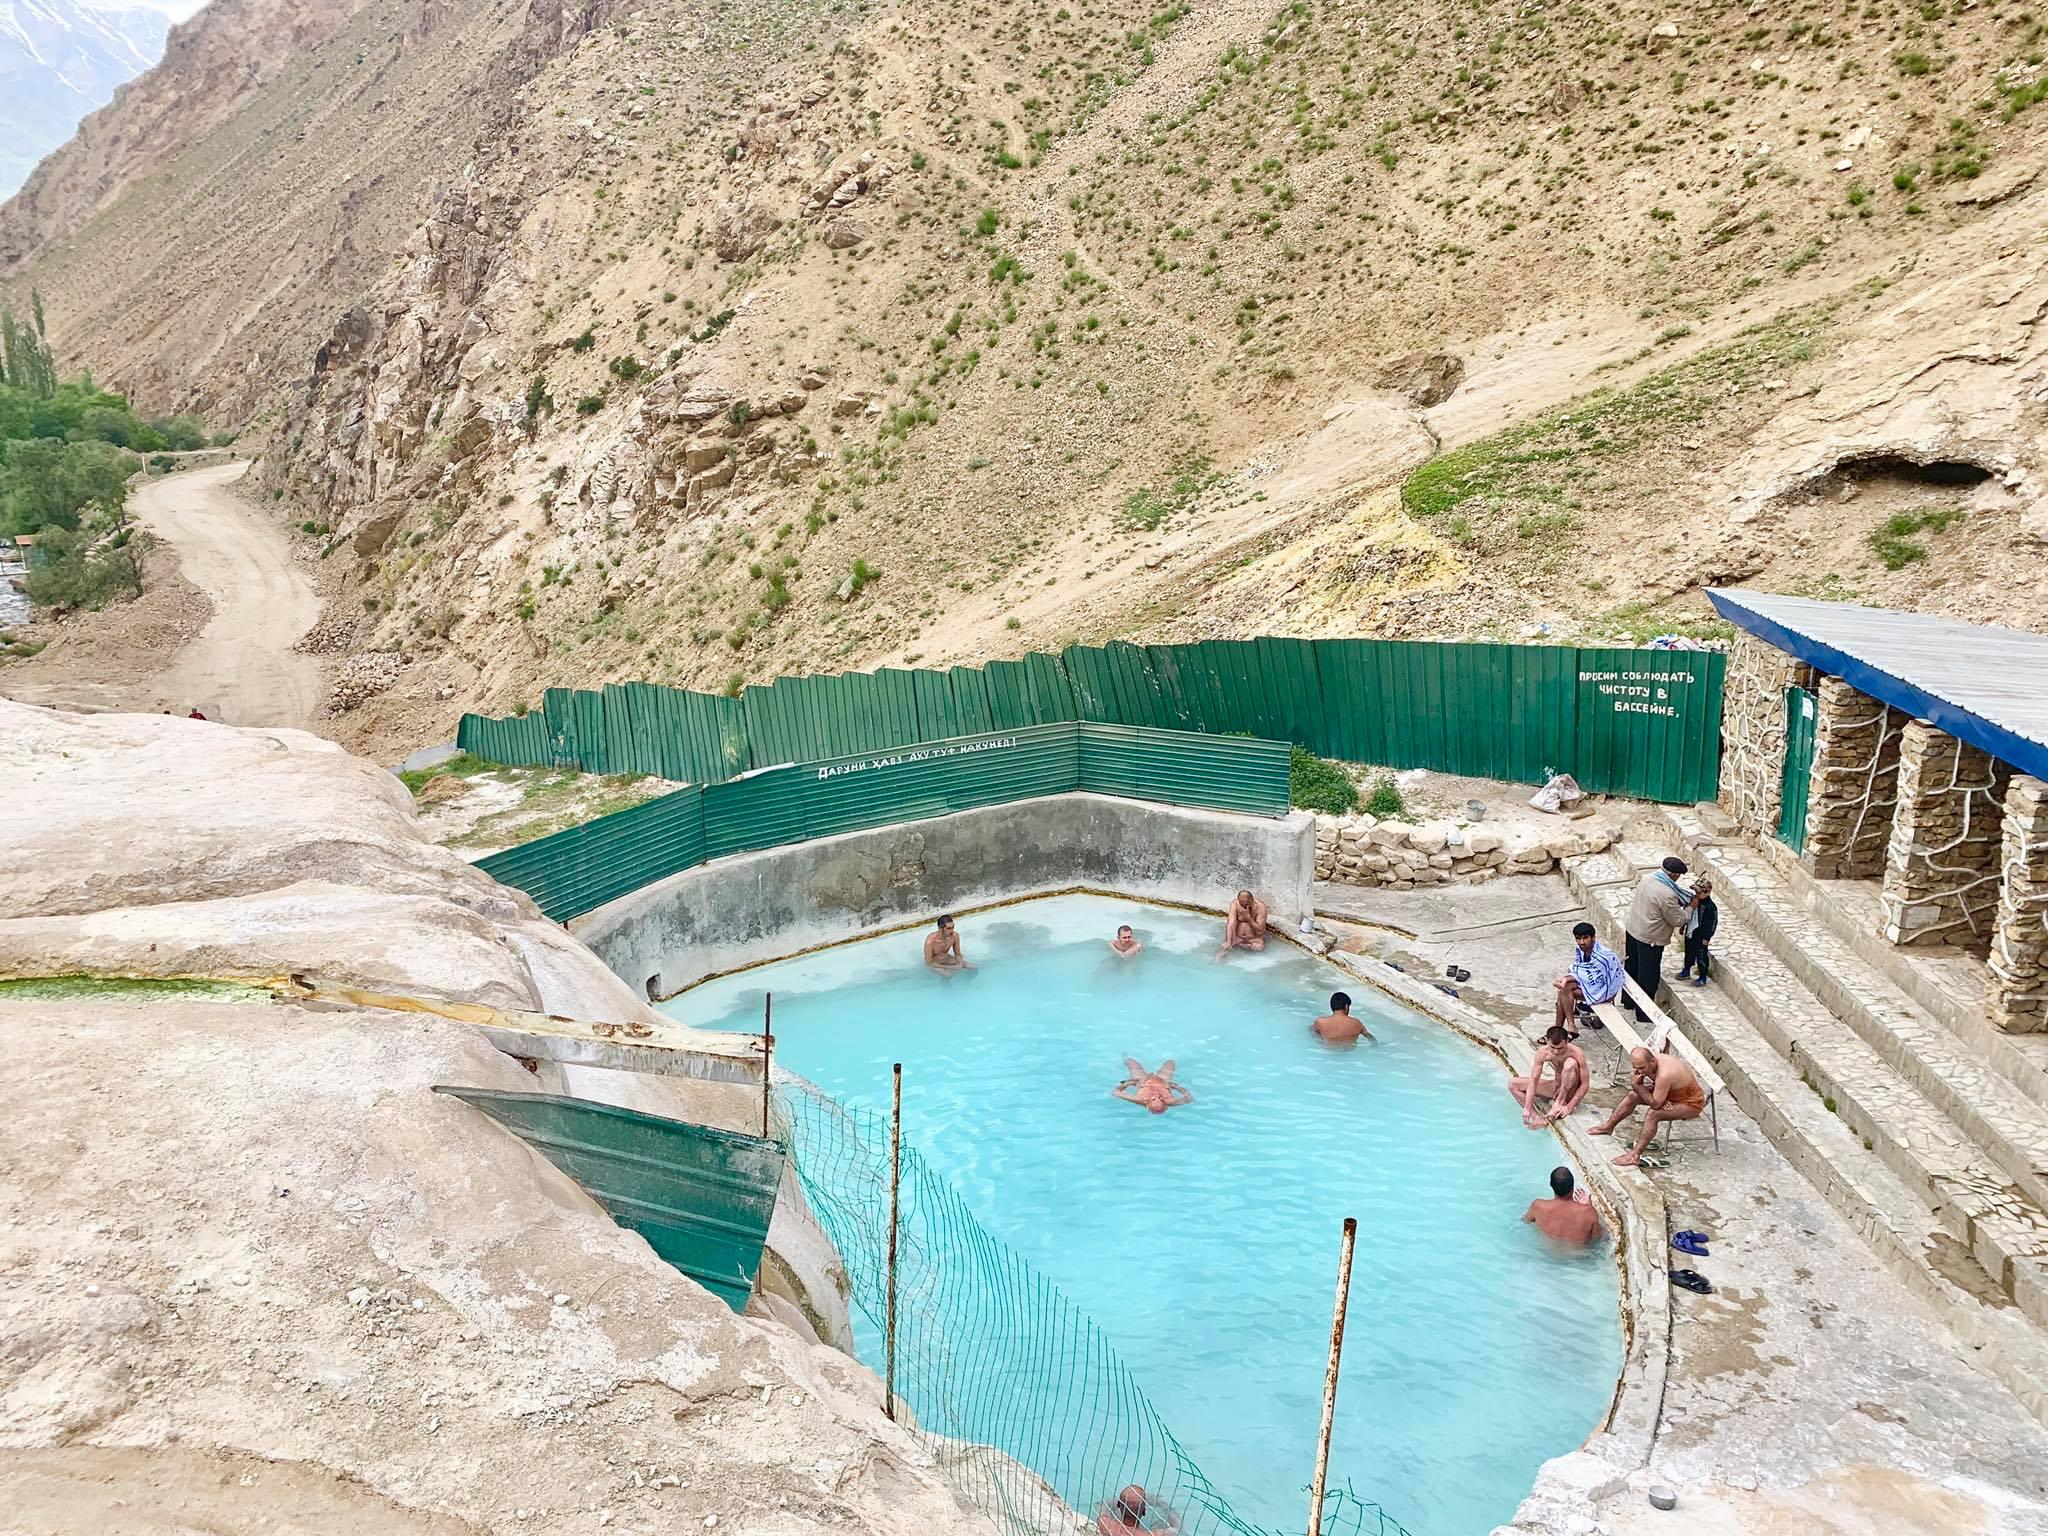 Kach Solo Travels in 2019 Pamir Highway Trip in Tajikistan6.jpg